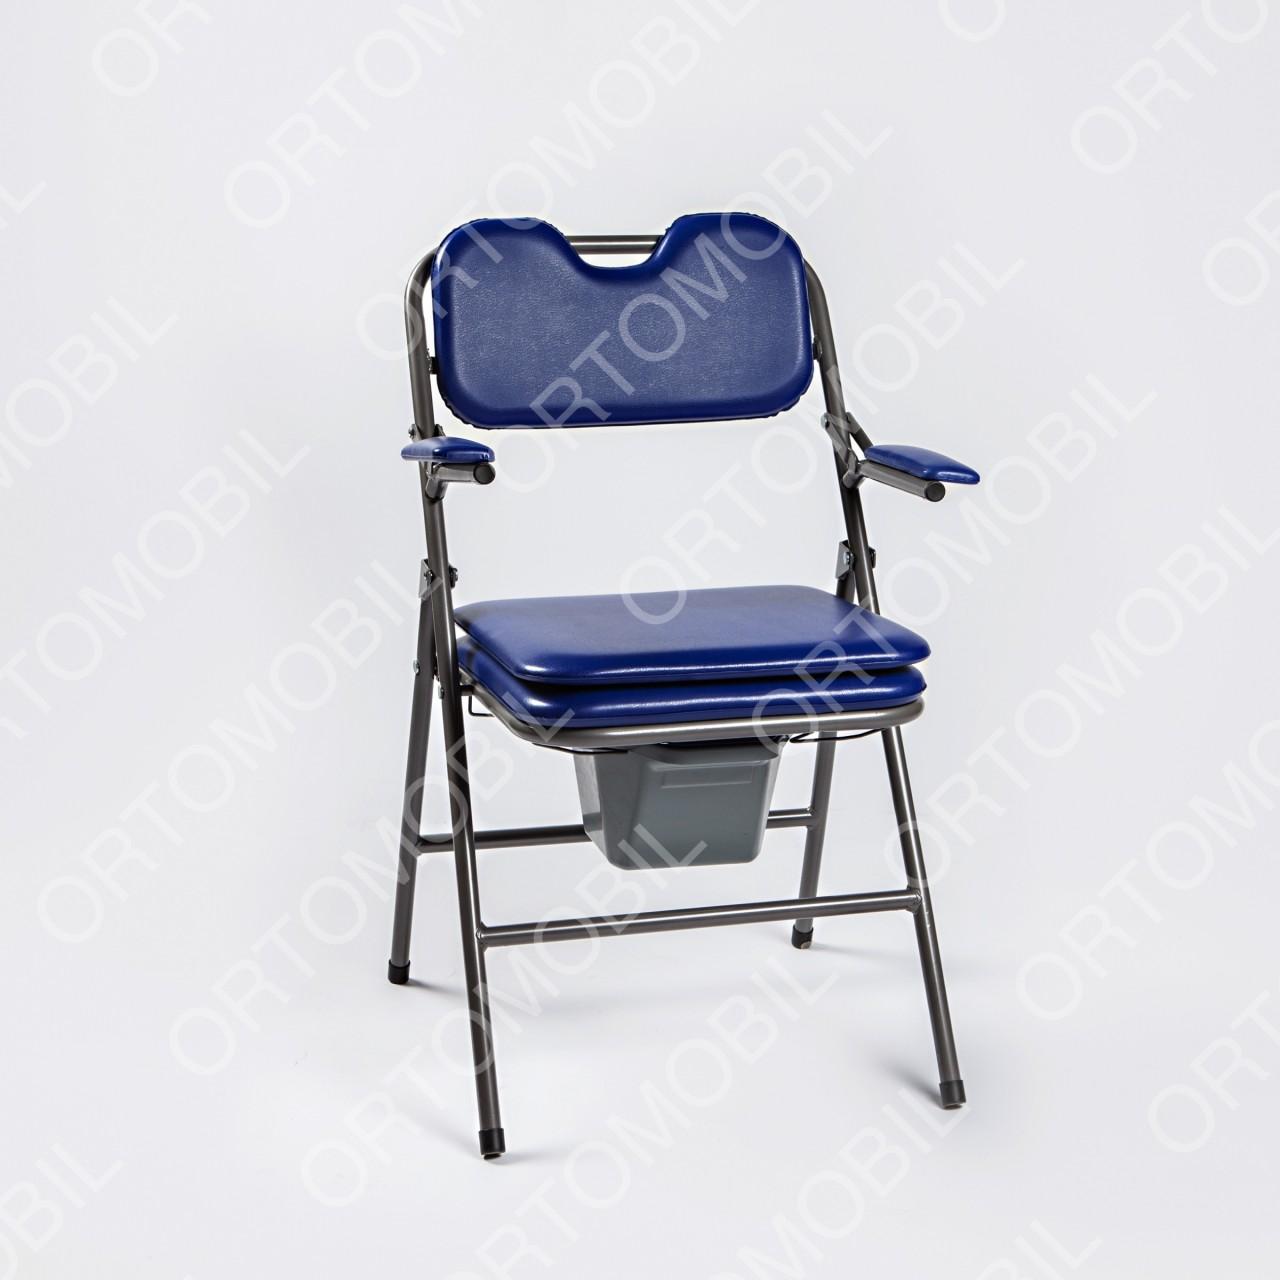 Scaun toaleta pliabil cu sezut moale Ortomobil 047410